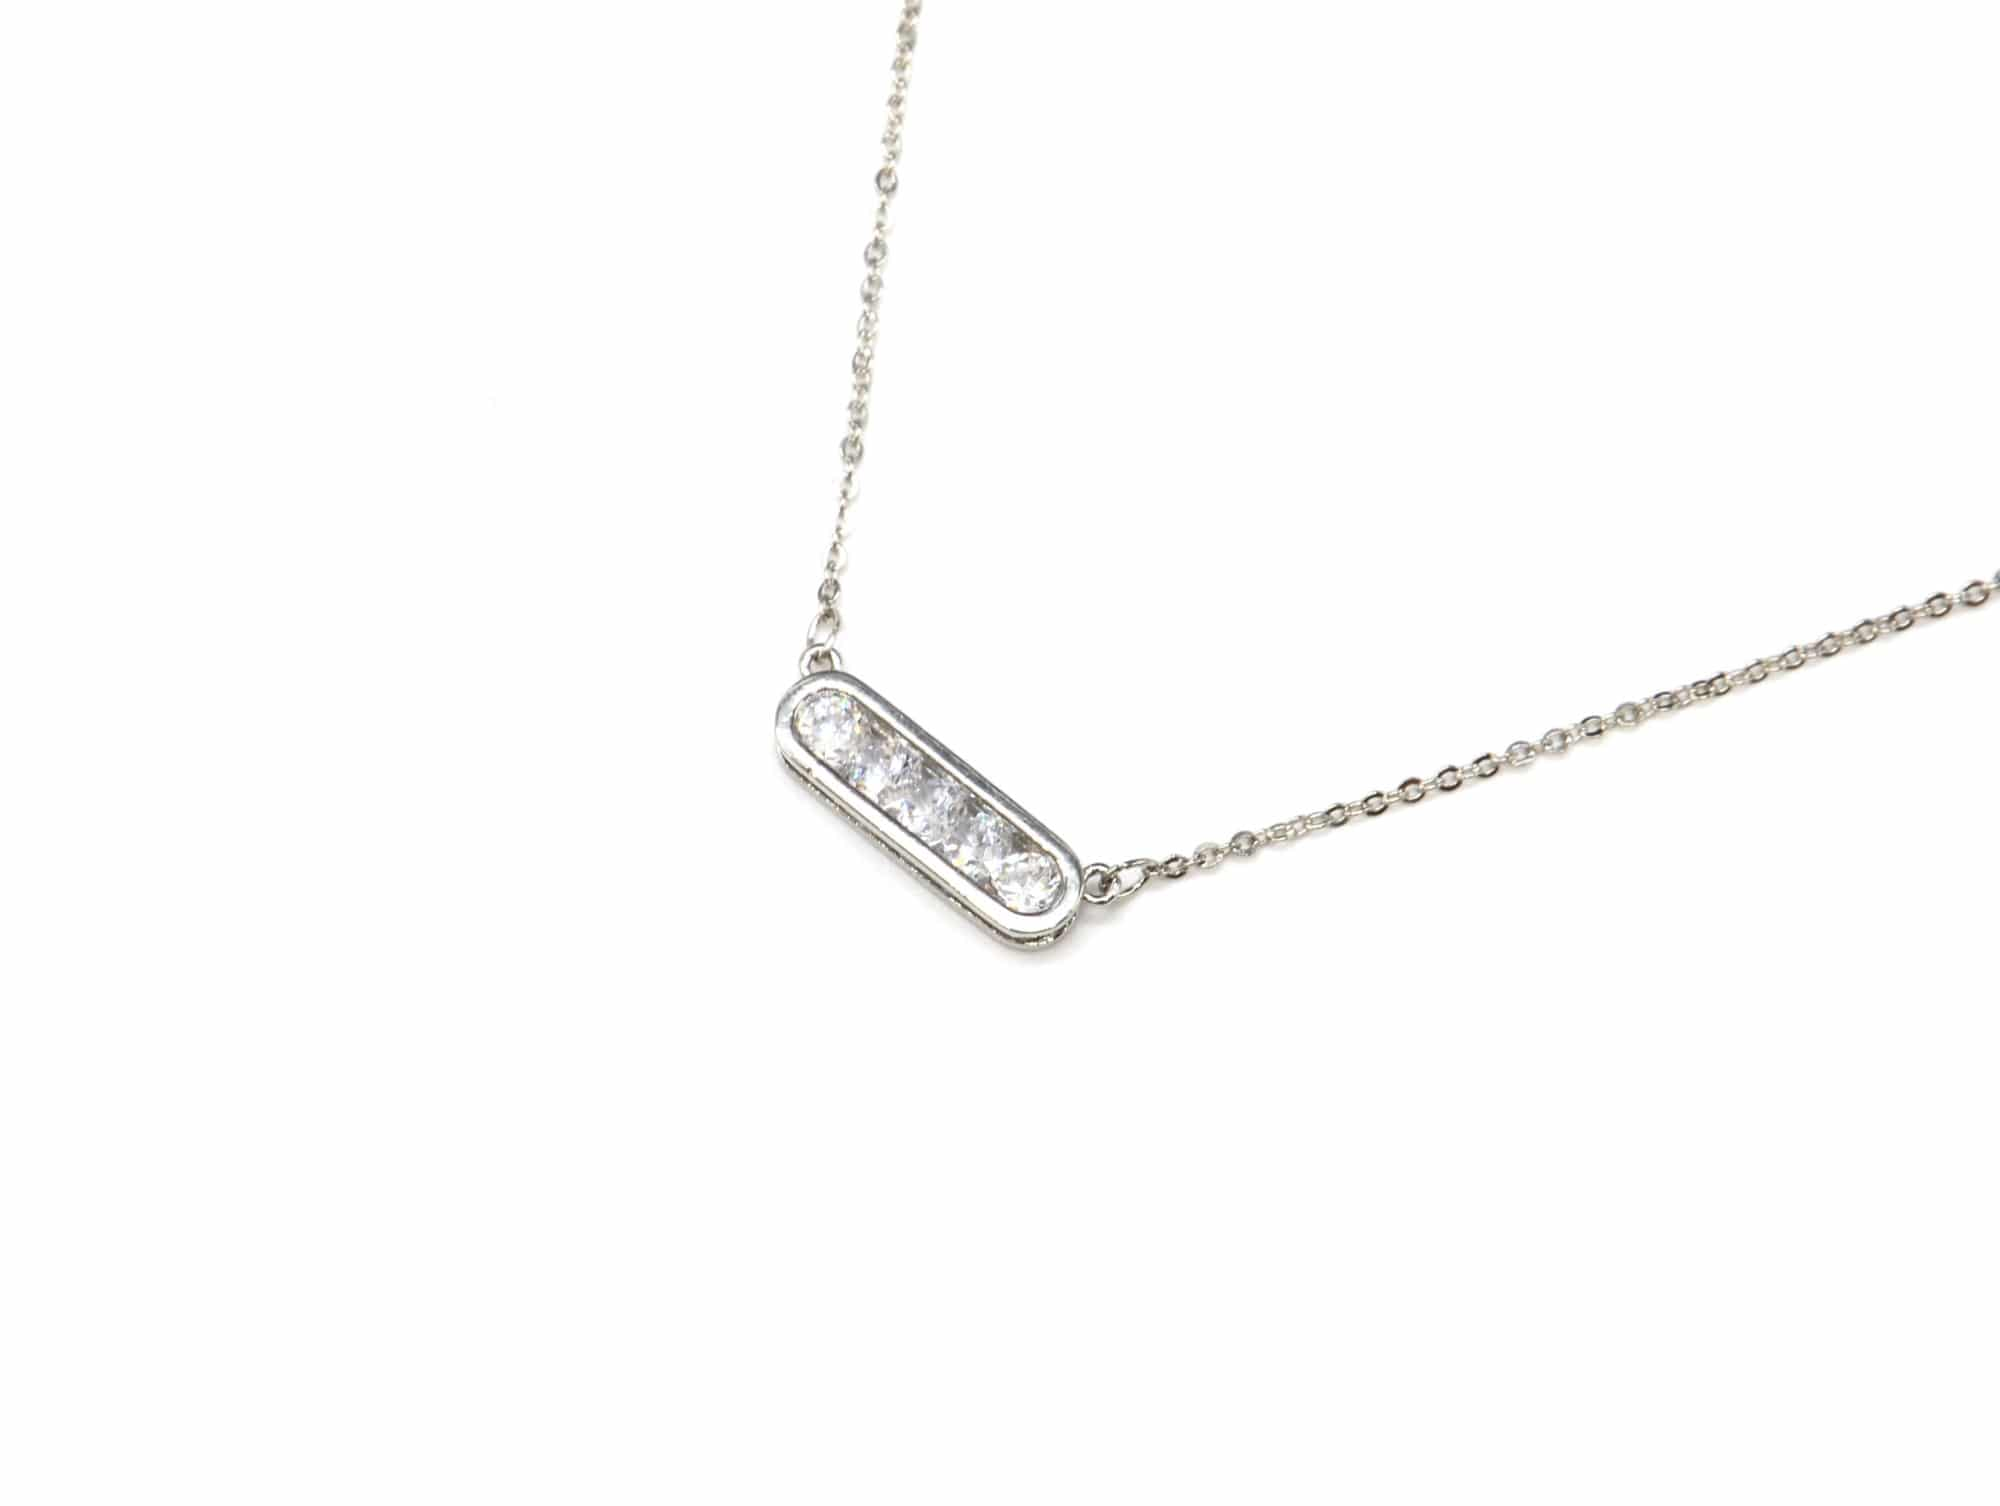 7b3de9b458bfd CC1841E - Collier Fine Chaîne Métal Argenté avec Pendentif Rectangle ...